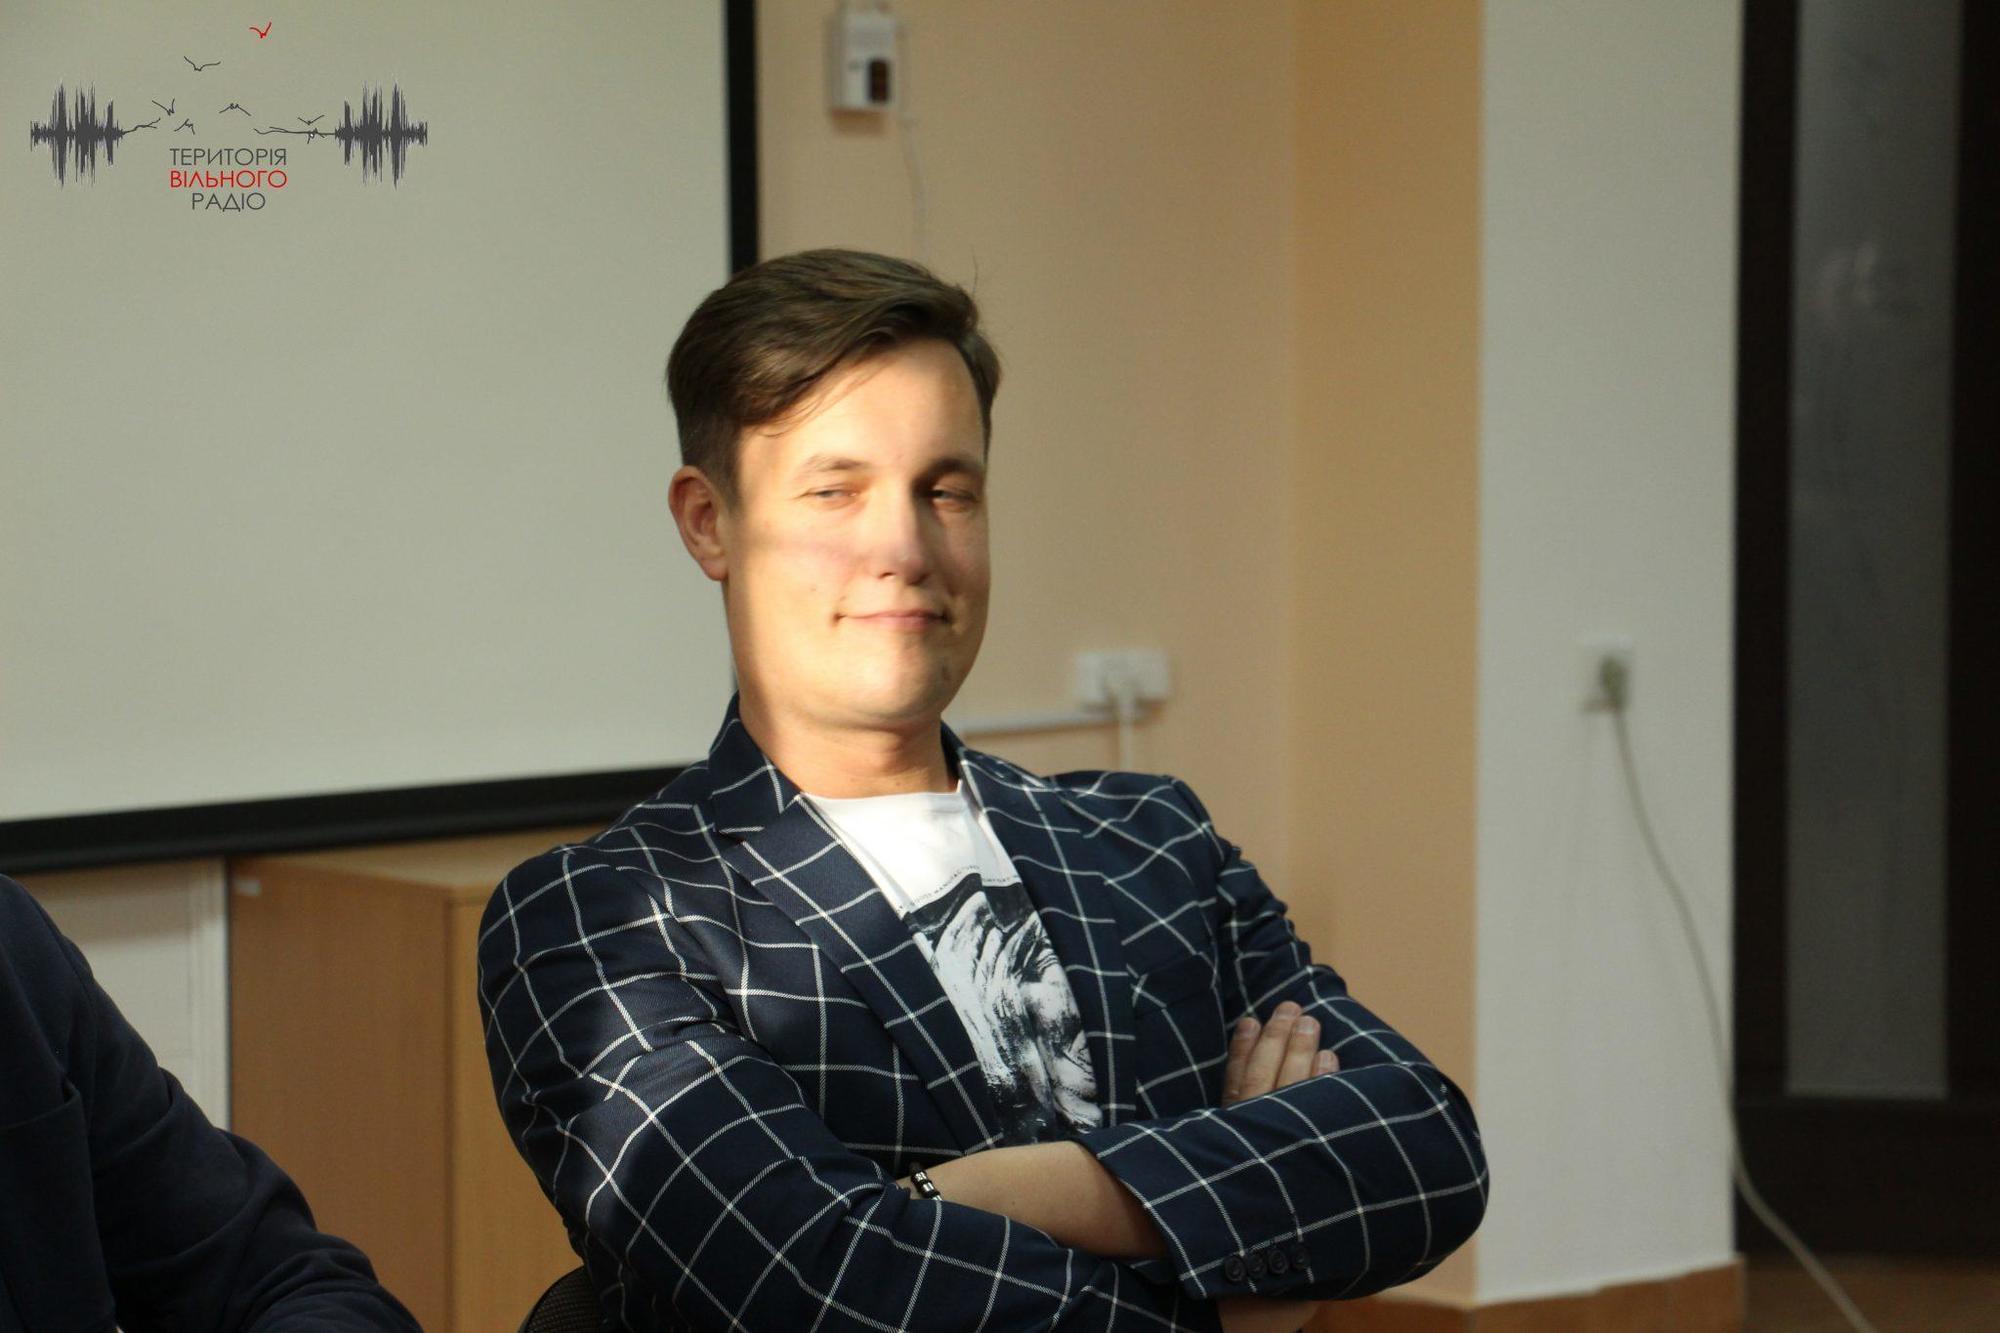 Інтерв'ю з Максом Кідруком